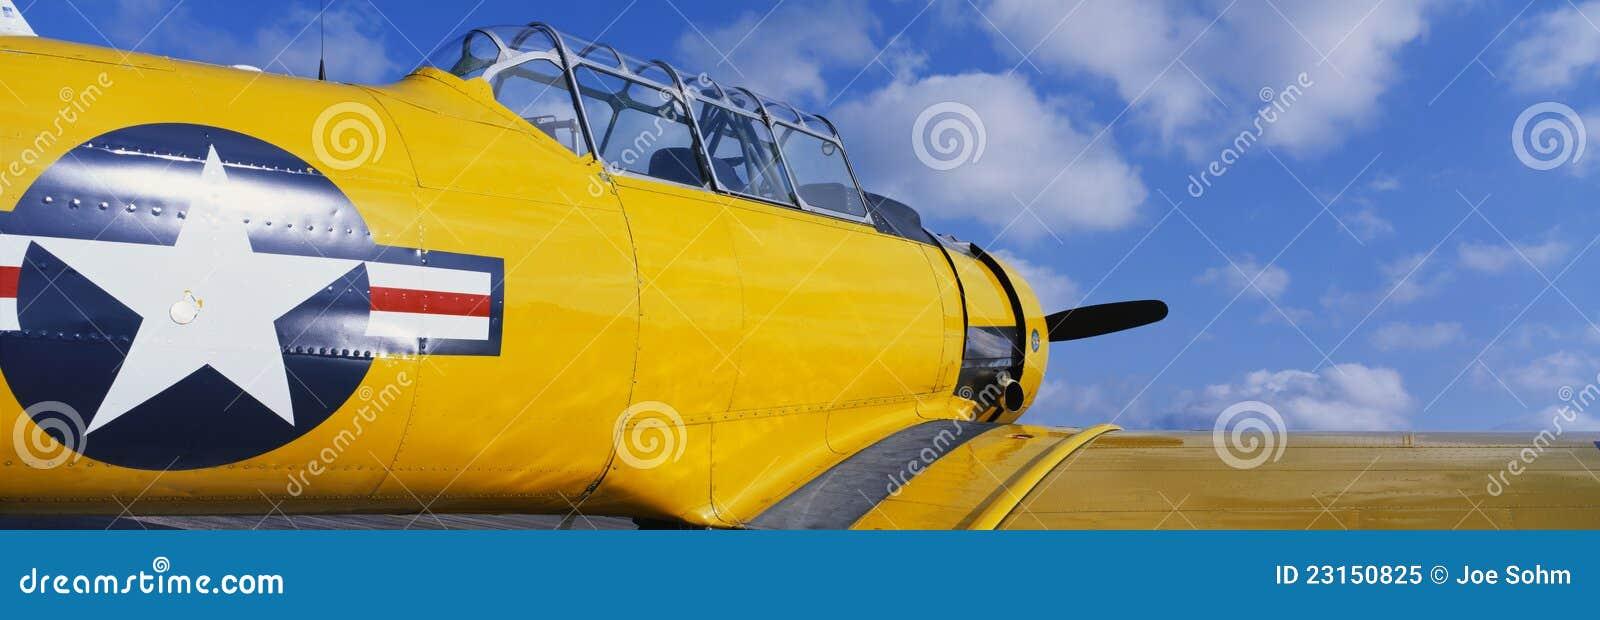 Żółty Rocznika Druga Wojna Światowa samolot